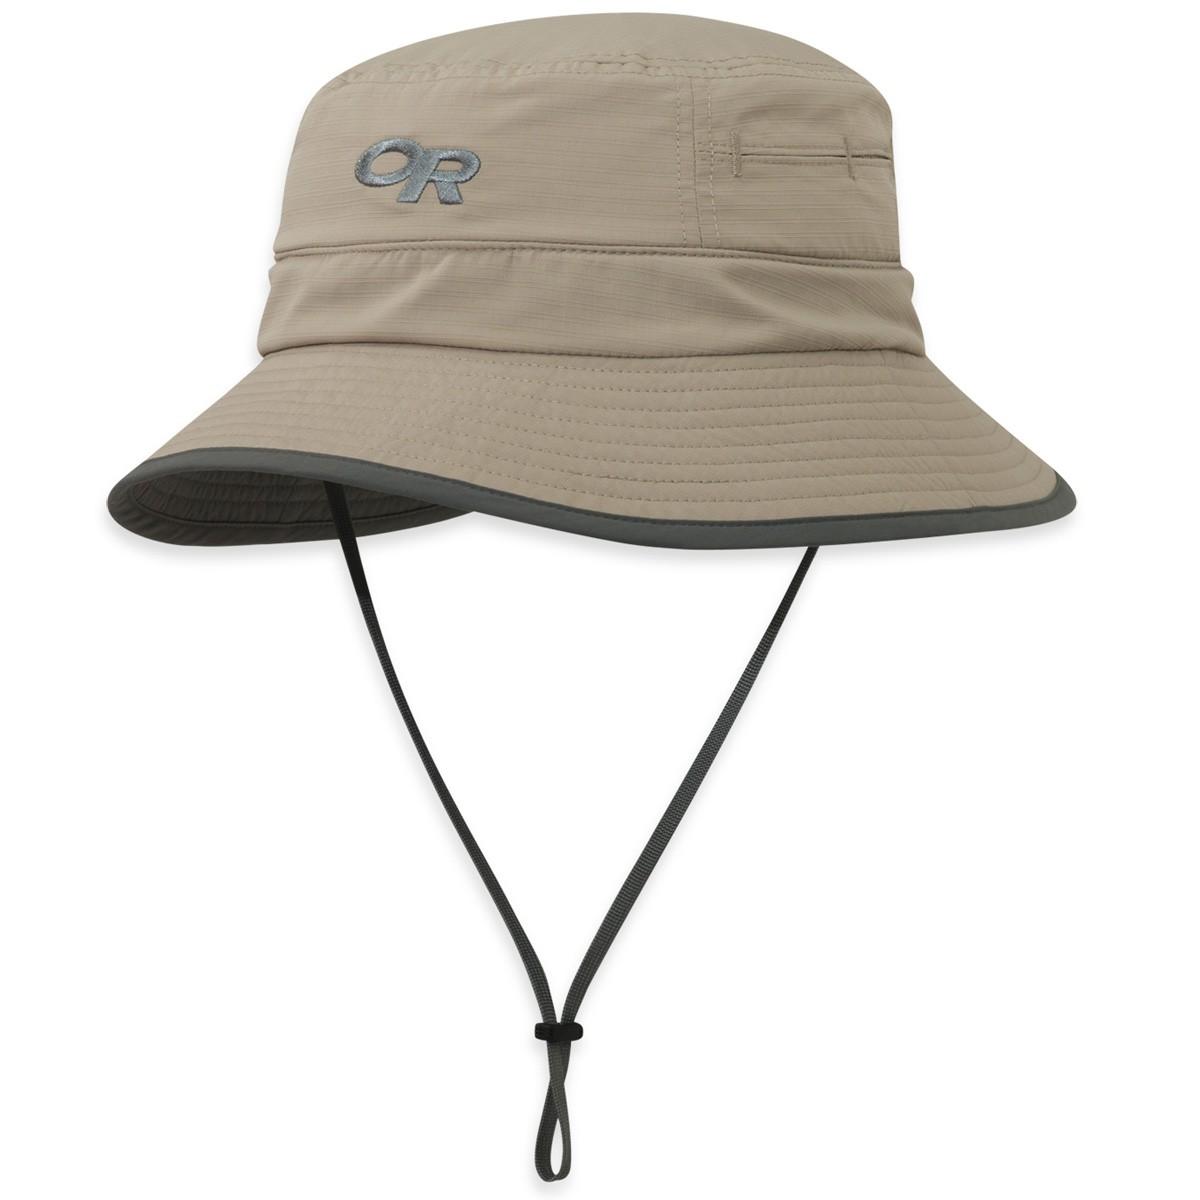 Kopfbedeckungen Sombriolet Sun Bucket